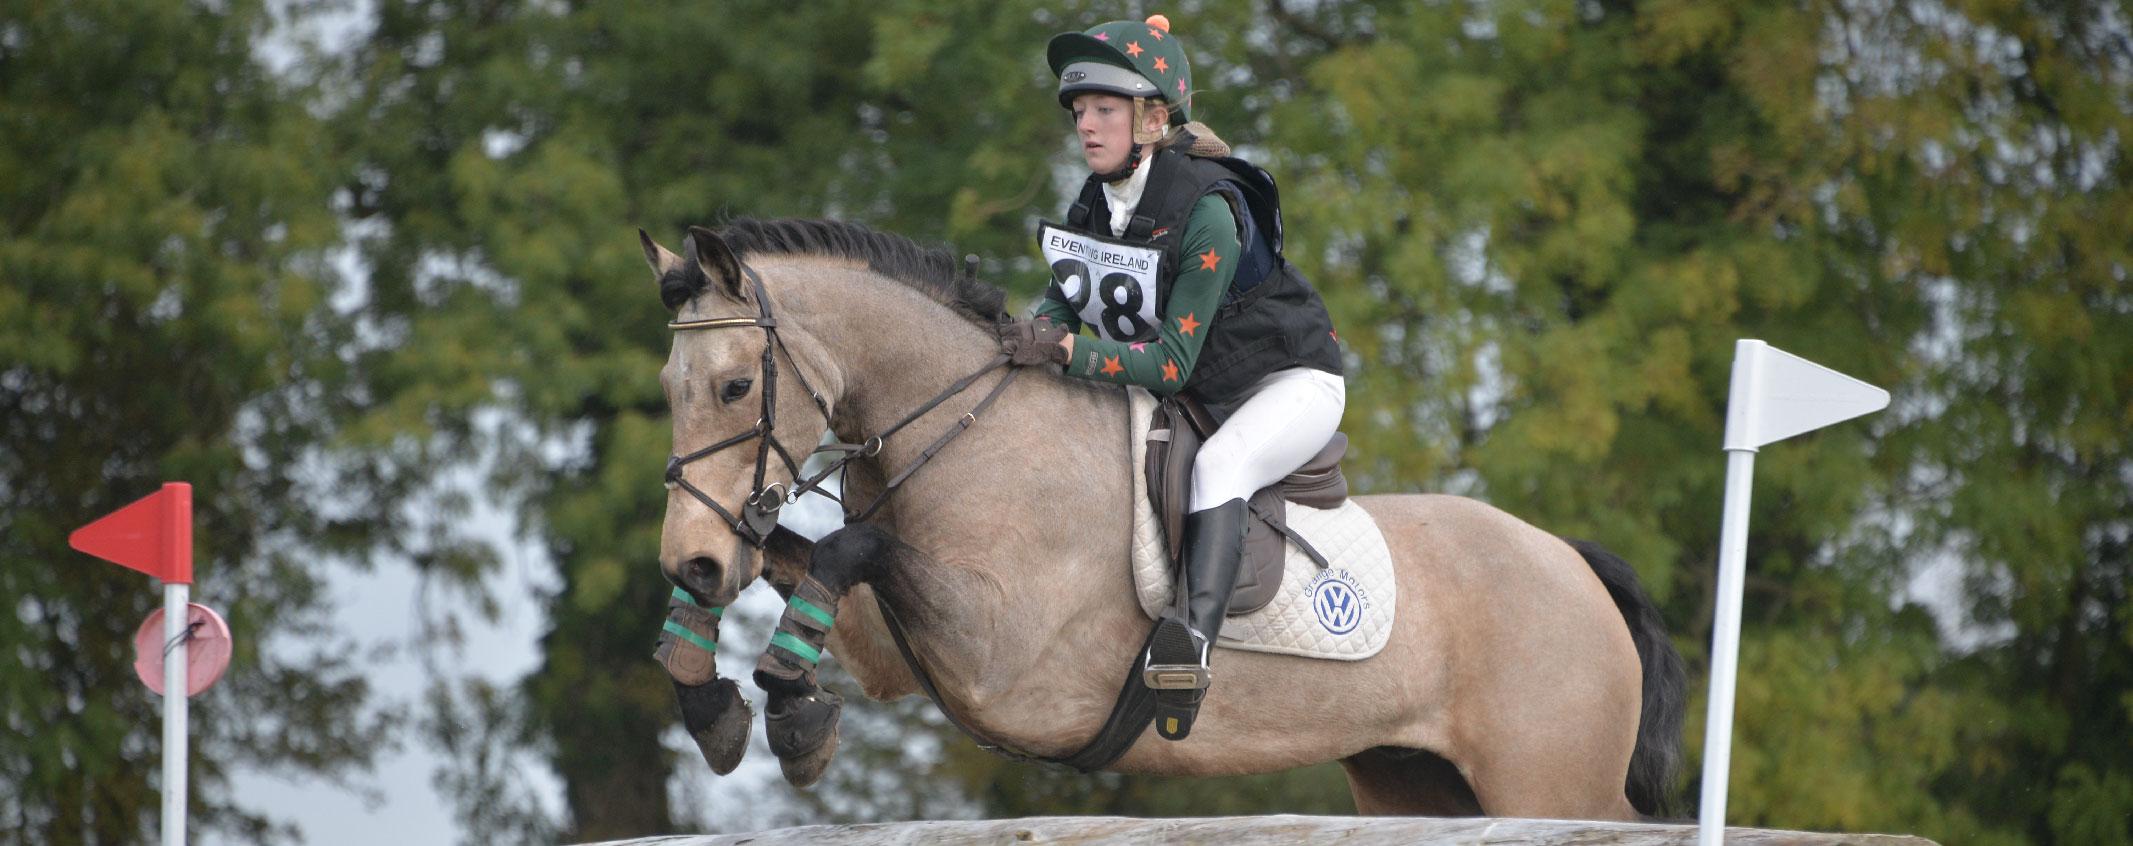 Ballinagore Horse Trials (2)